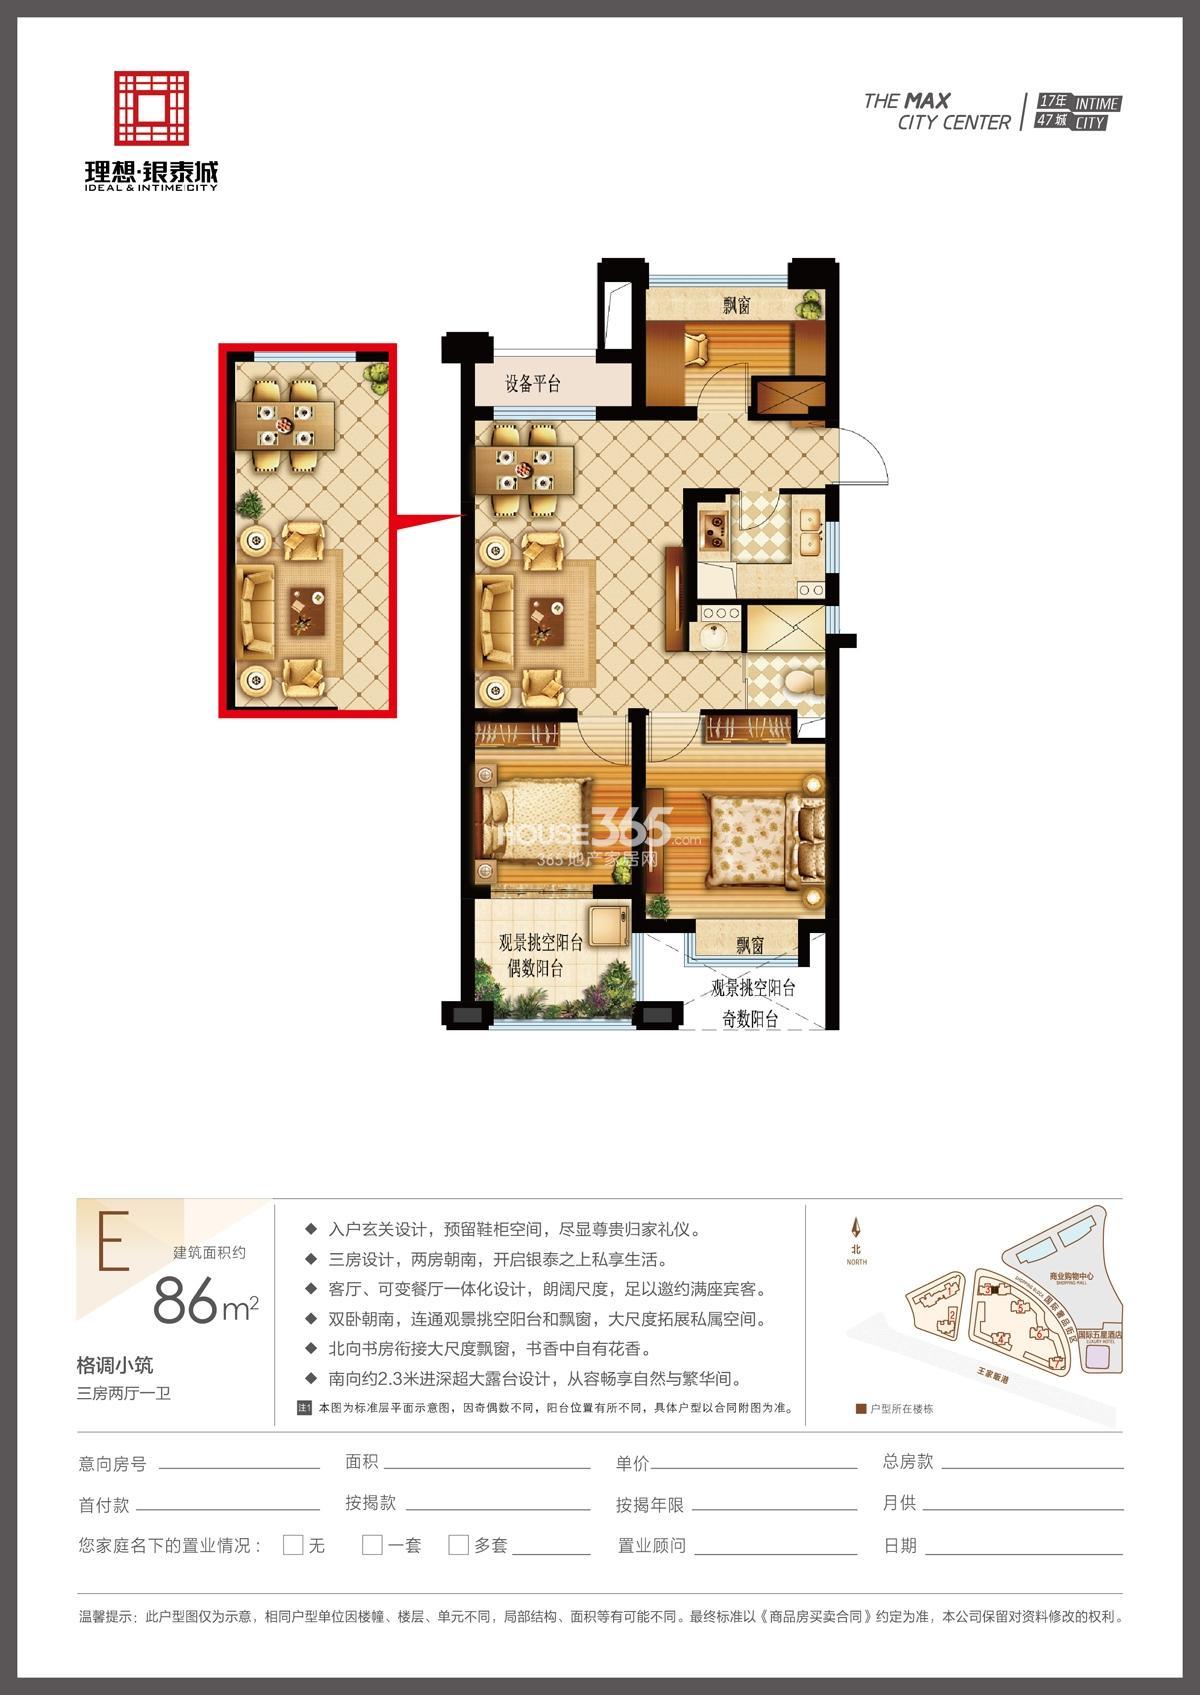 理想银泰城3号楼E户型86方三房两厅一卫户型图